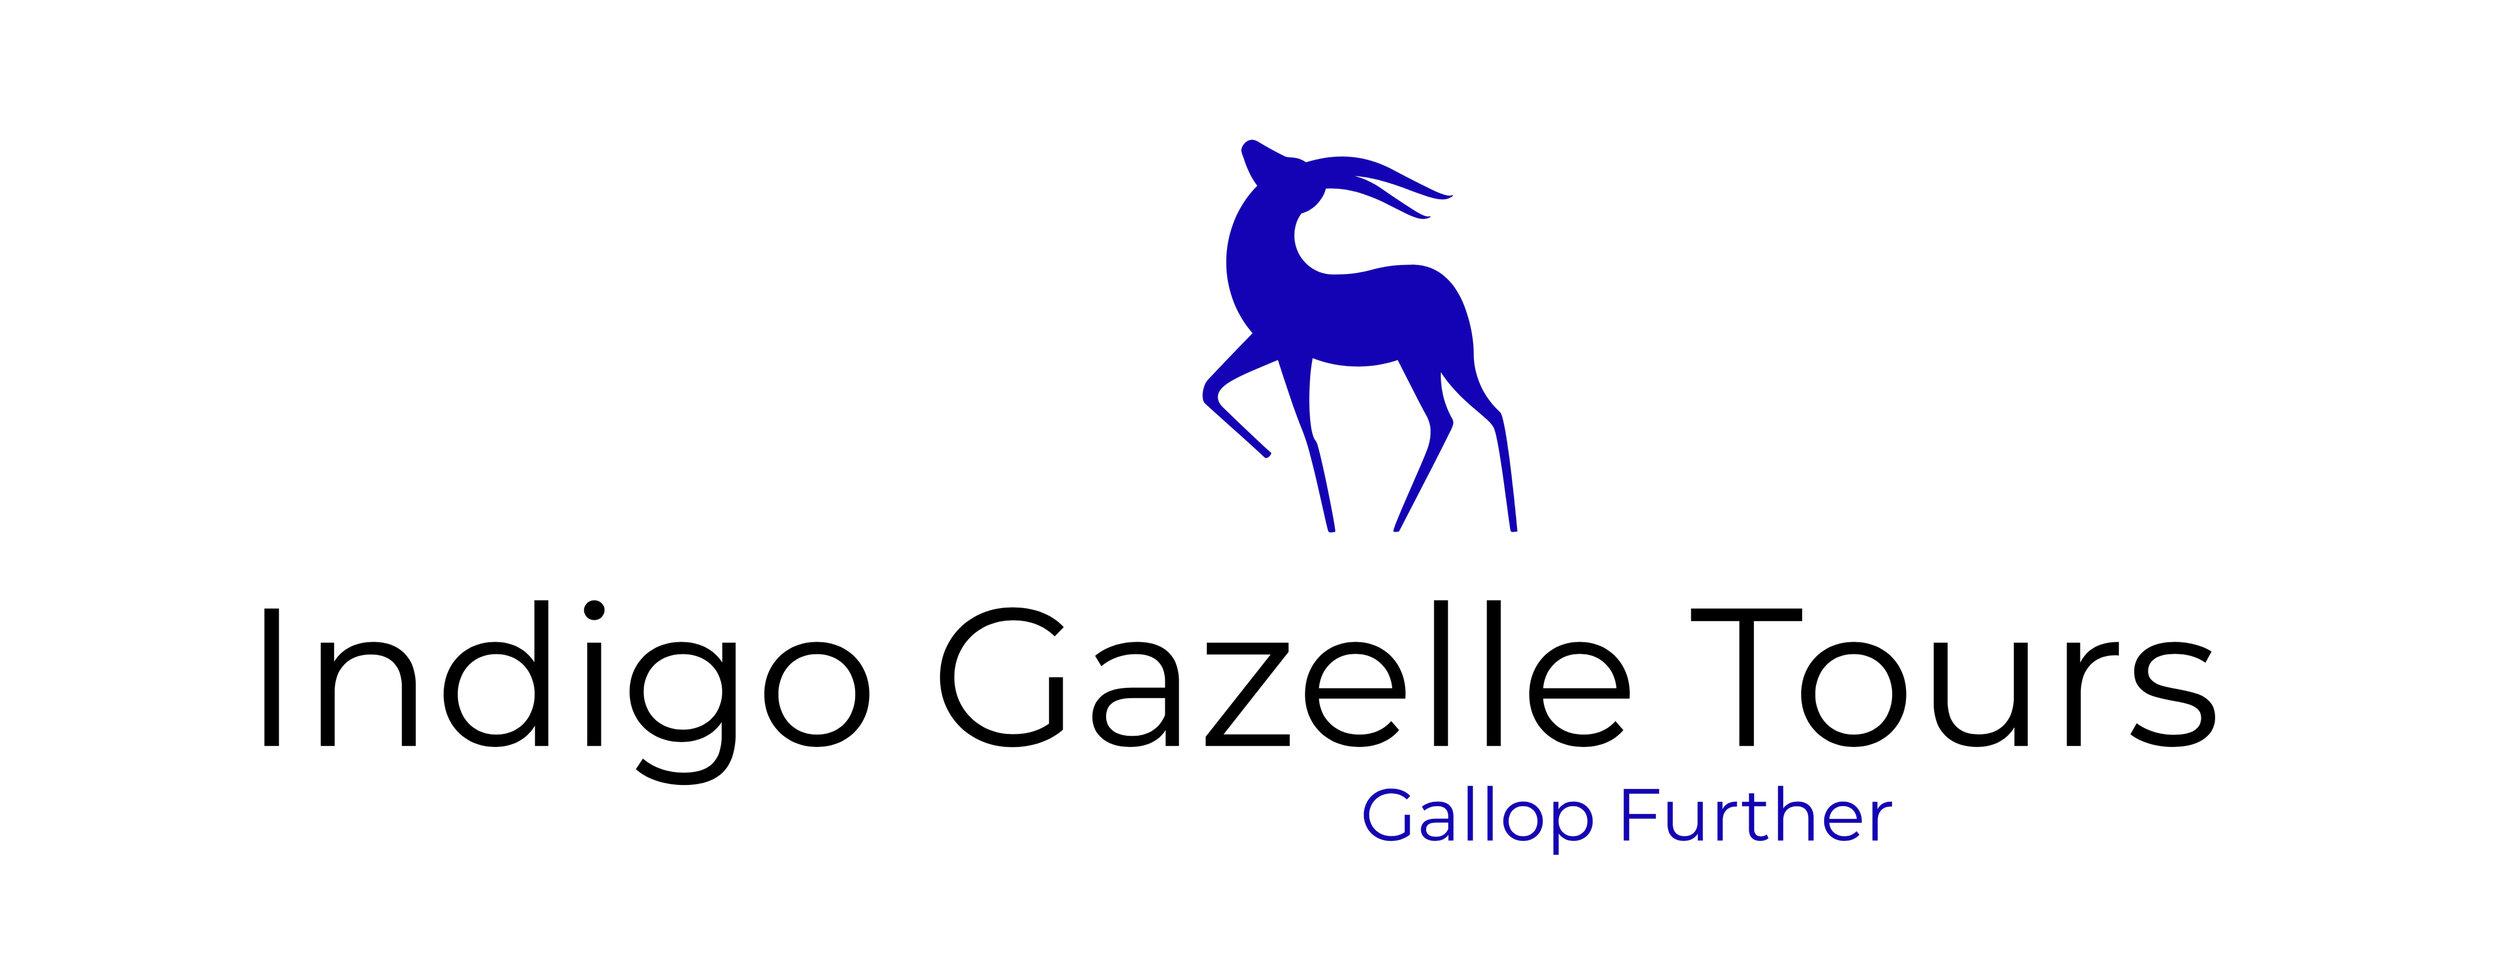 Indigo Gazelle Tours